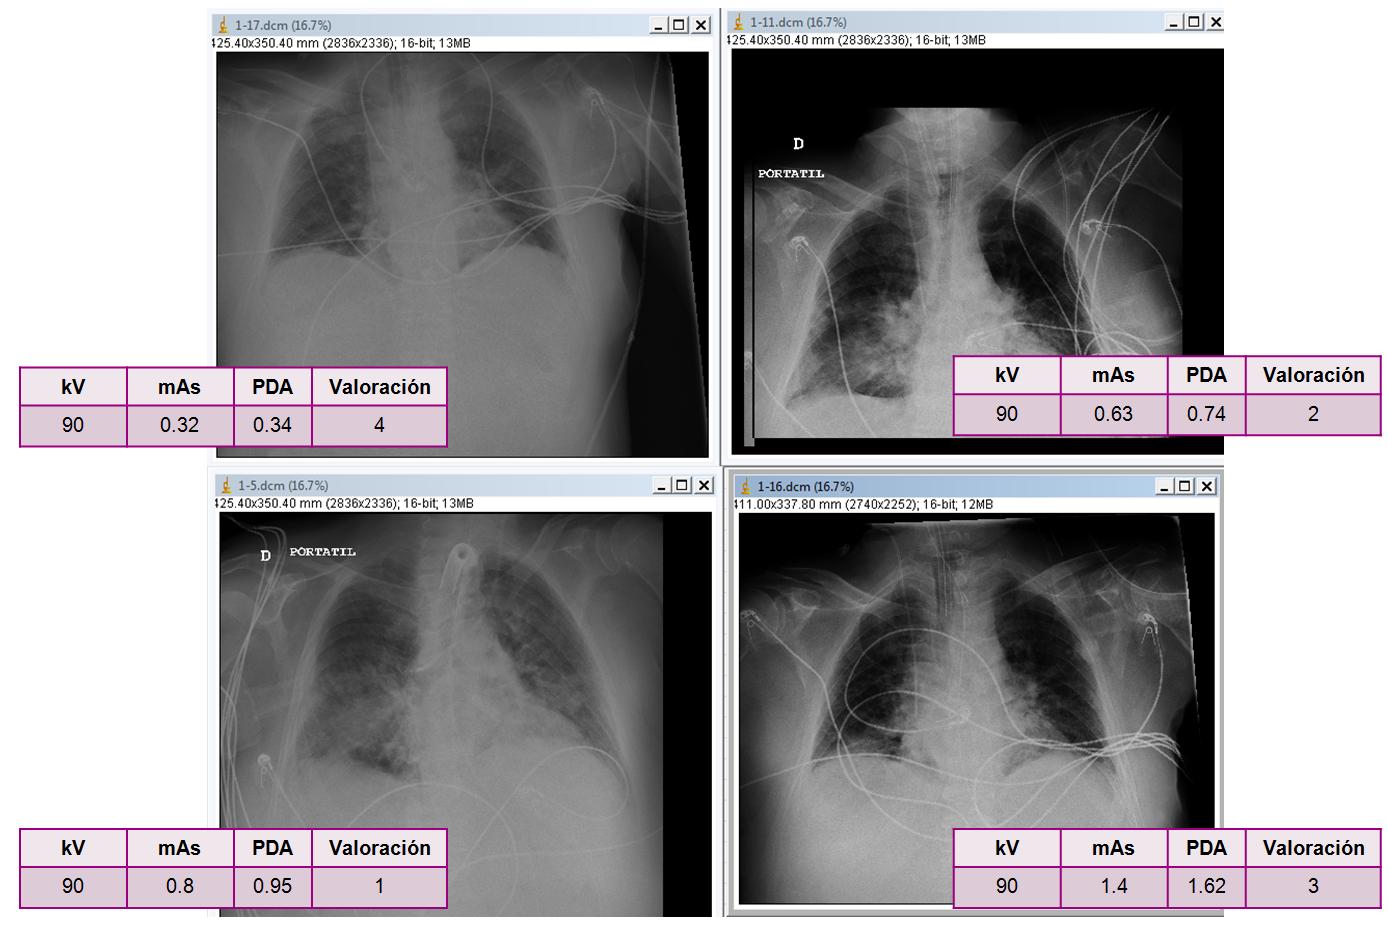 Imágenes de un mismo paciente con valoración de calidad de imagen siendo 1 la máxima puntuación y cuatro la mínima